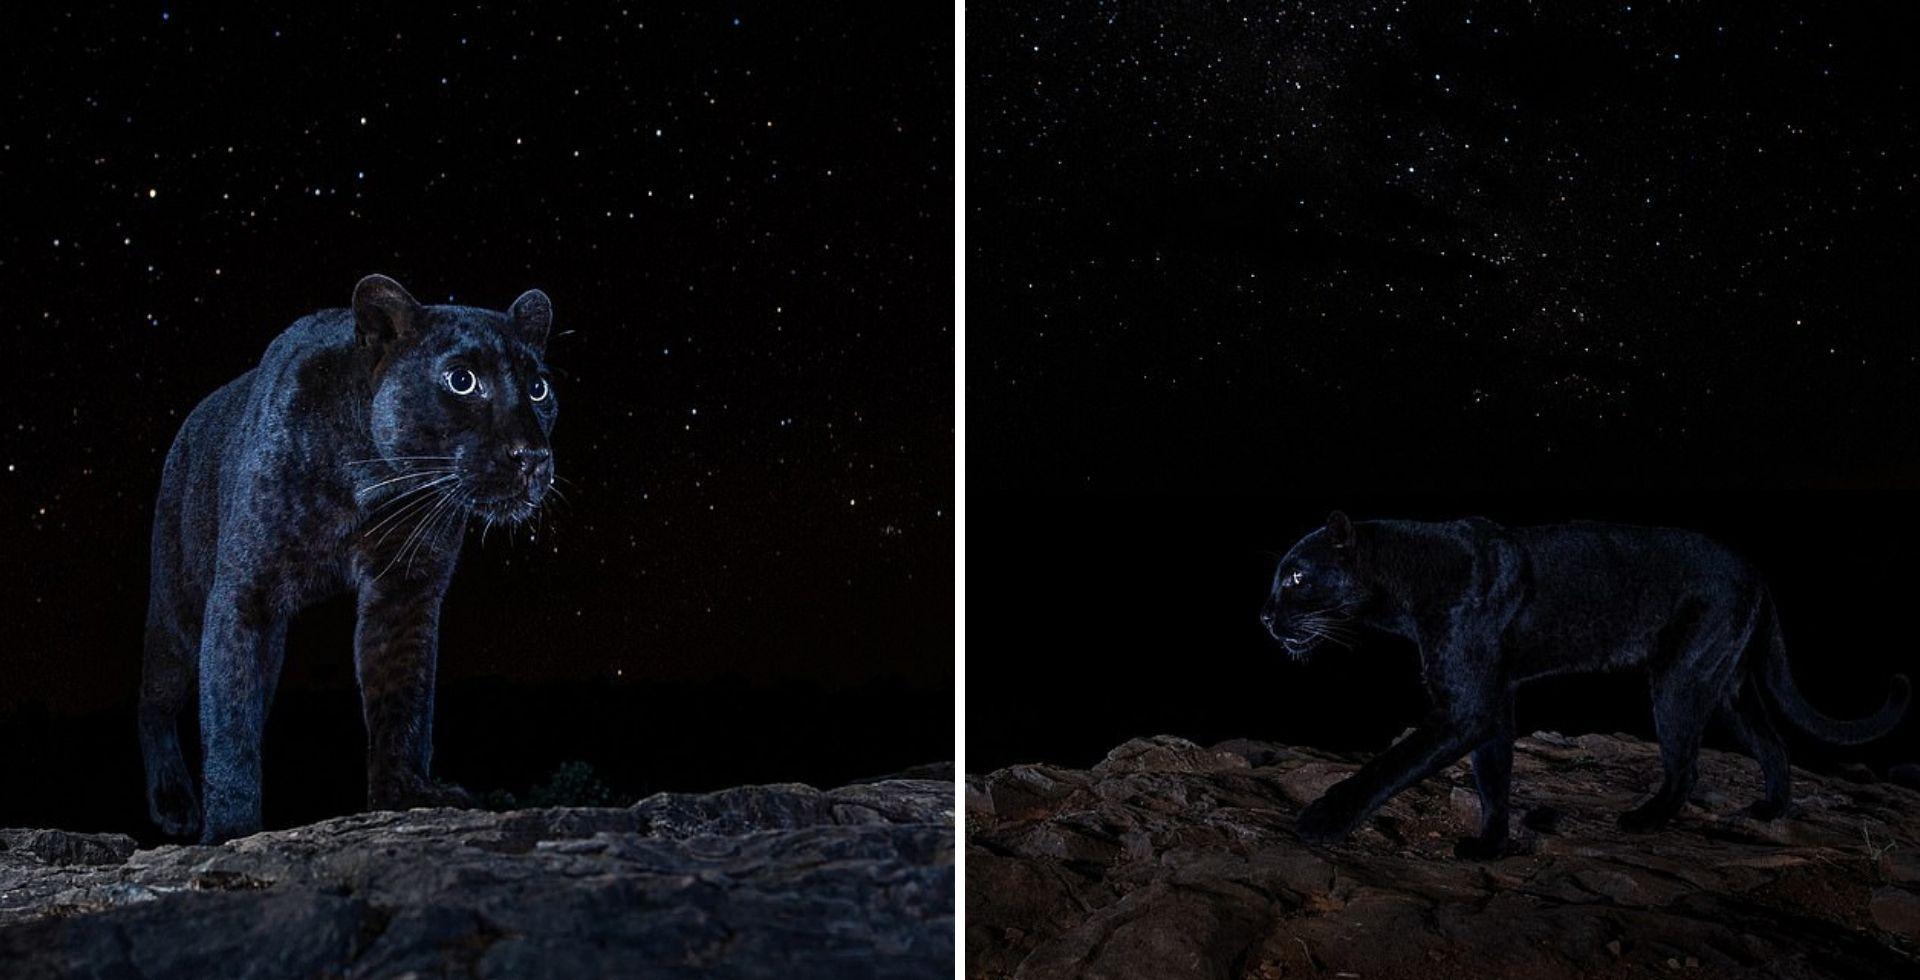 Un fotógrafo compartió imágenes nunca antes vistas de una pantera negra